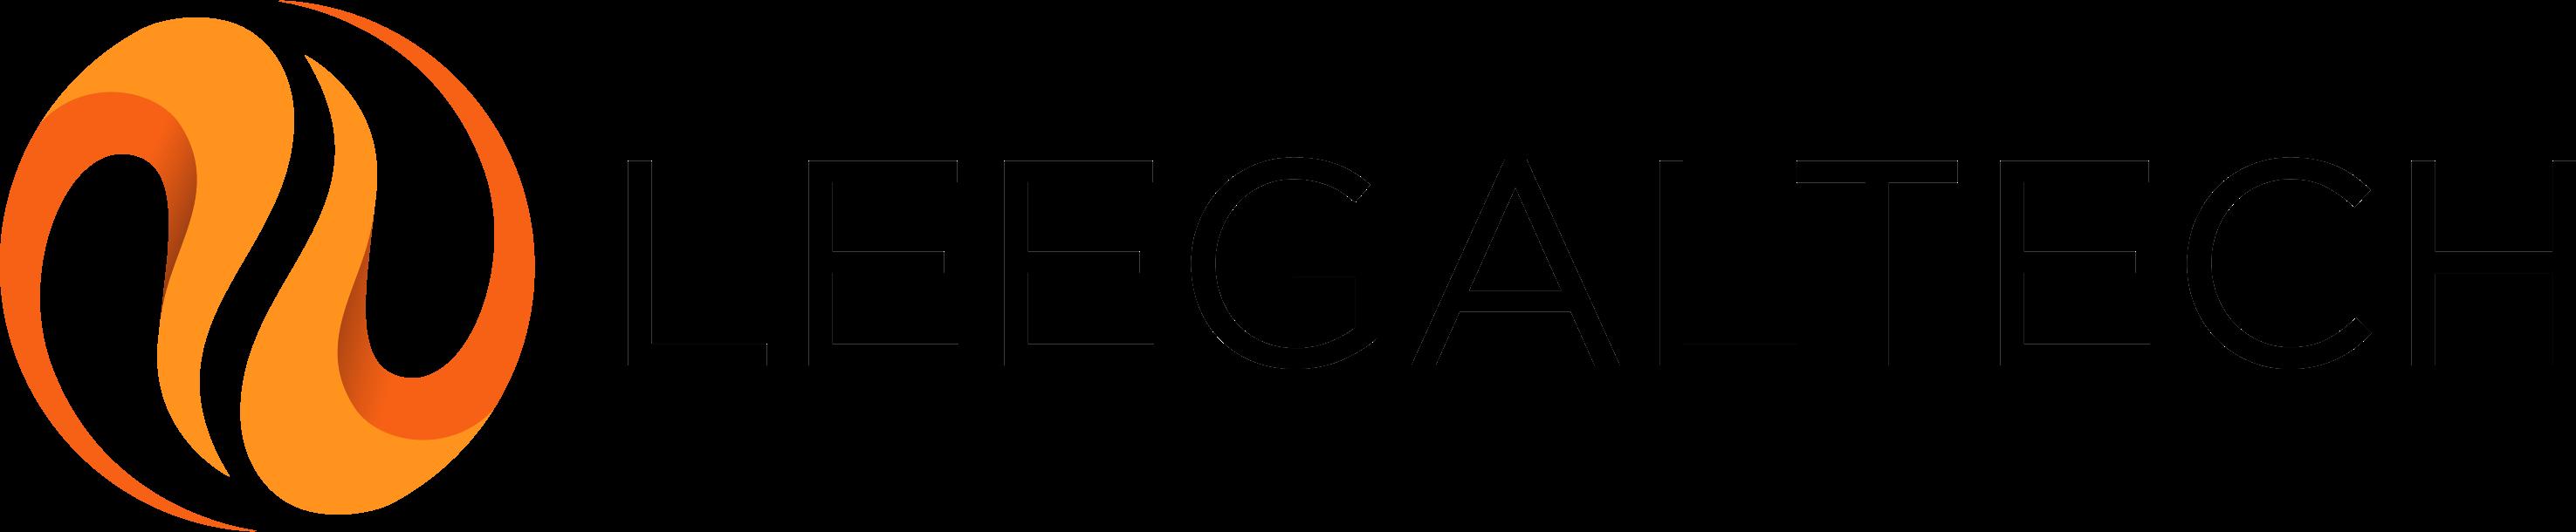 Leegal tech, tu empresa de consultoría #Legaltech